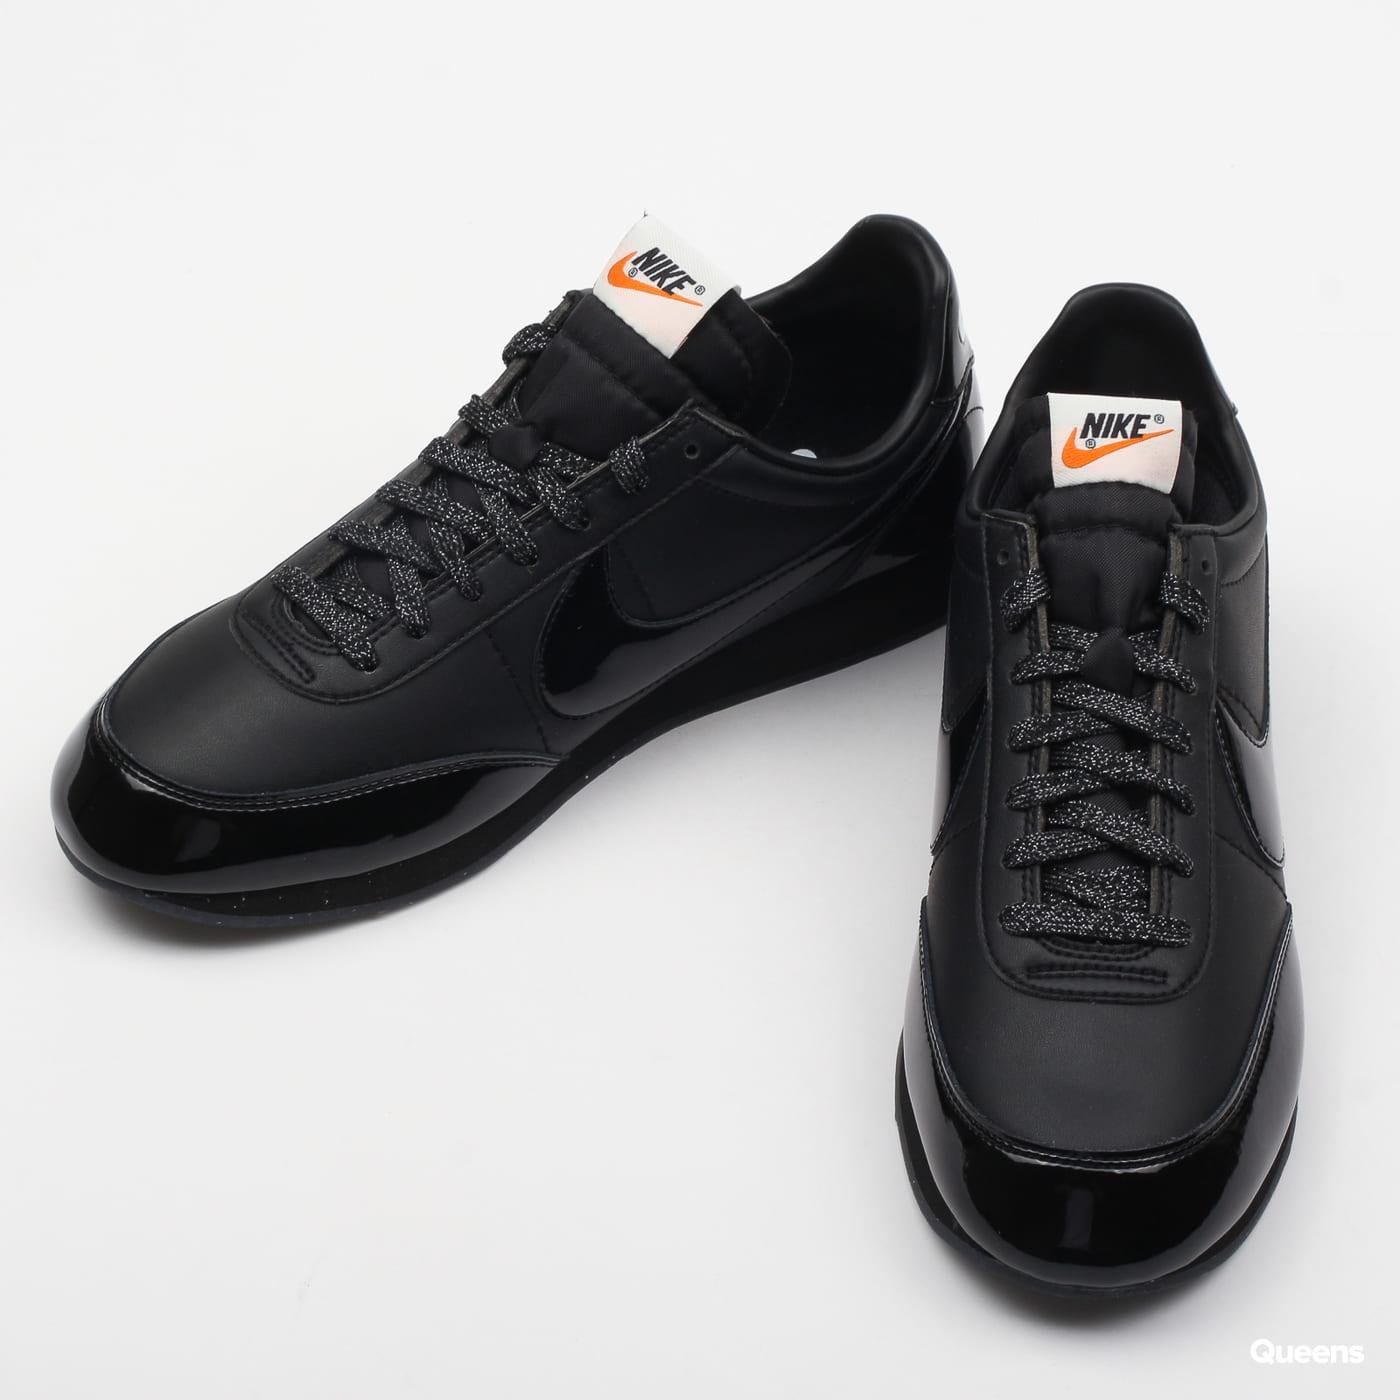 287a8de3792f2 Obuv Nike Nighttrack / CDG black / black - white (AQ3695-001 ...